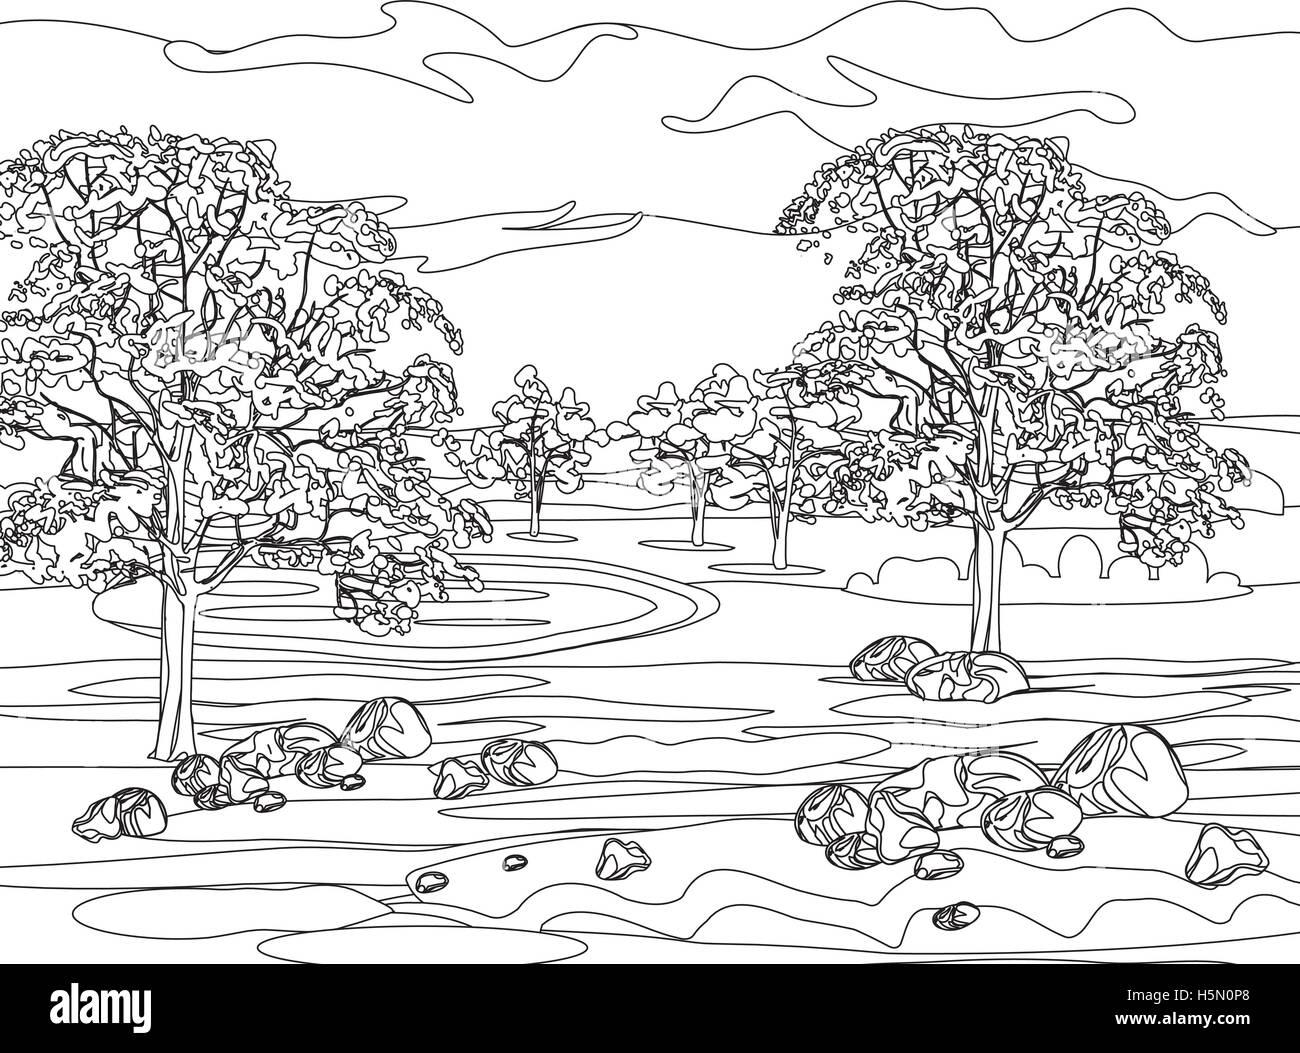 Stylized Landscape Stockfotos & Stylized Landscape Bilder - Alamy